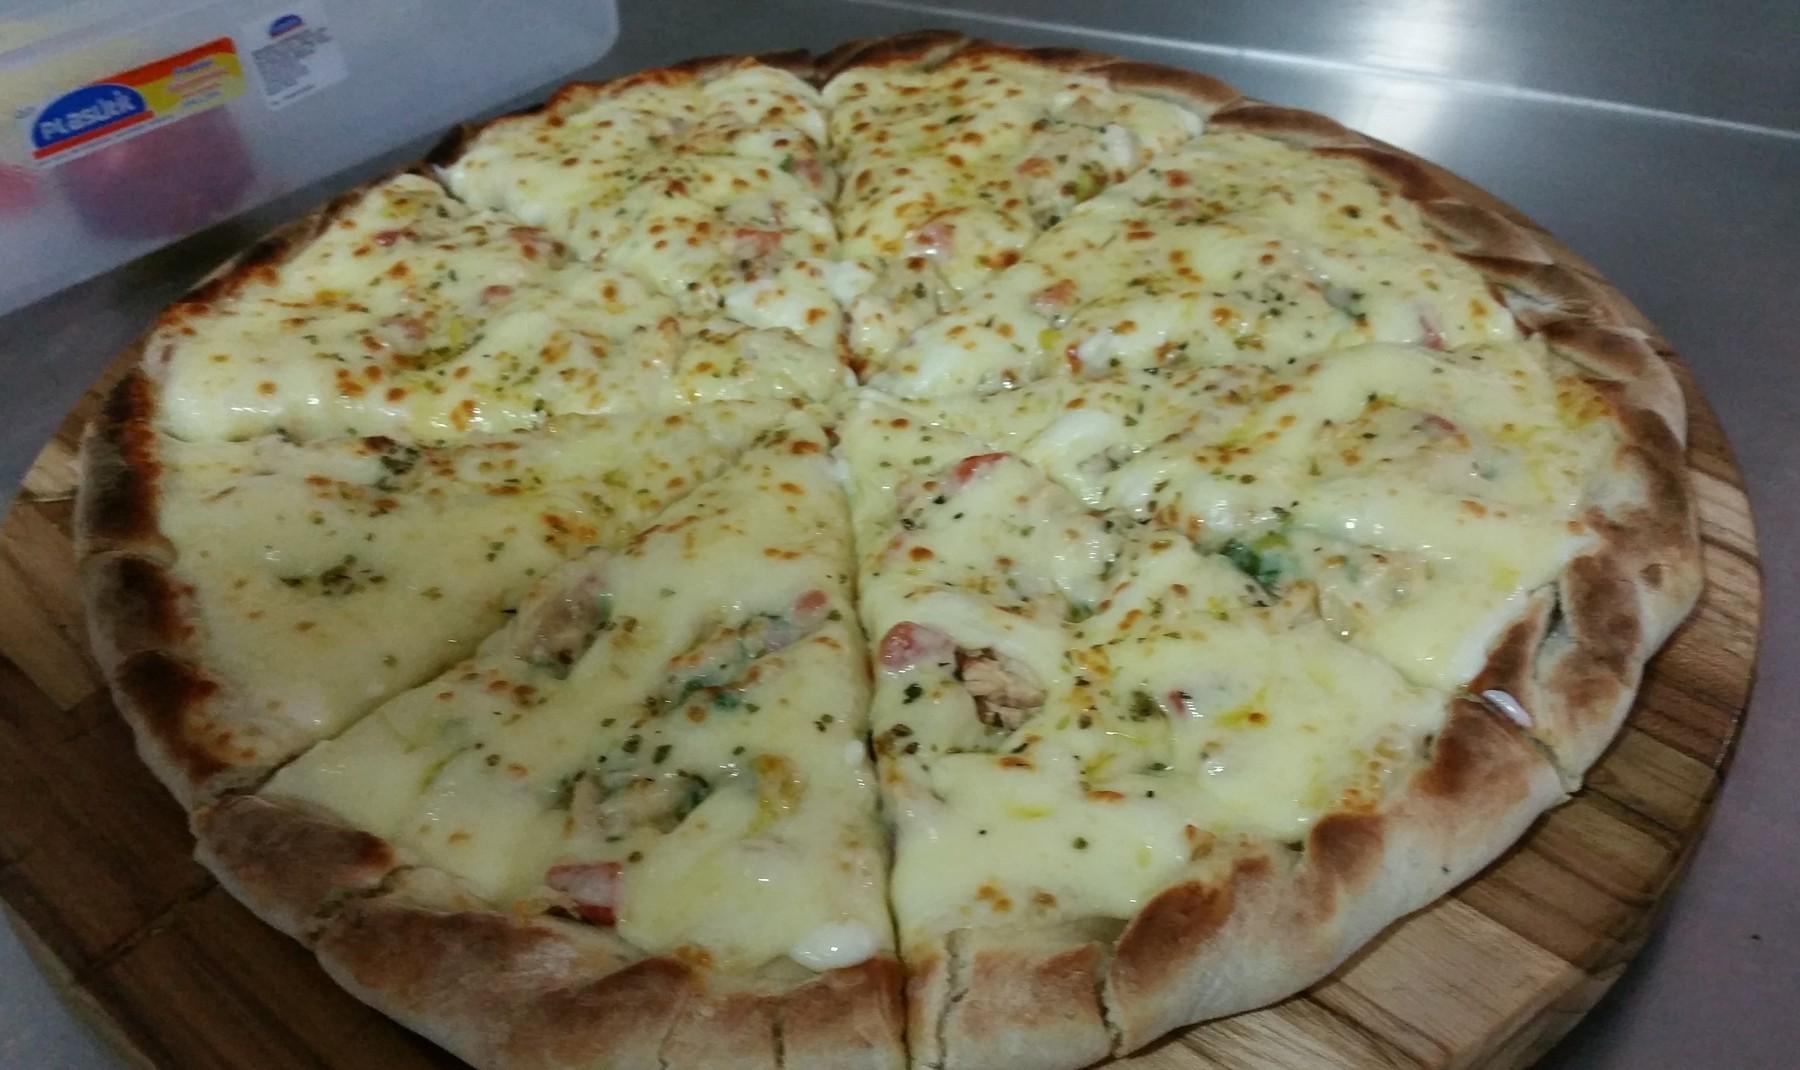 Mais um Forno Las Lenhas do Cheff Hassin construído em Salvador e pizzas sensacionais feitos neste forno! LxNWsK